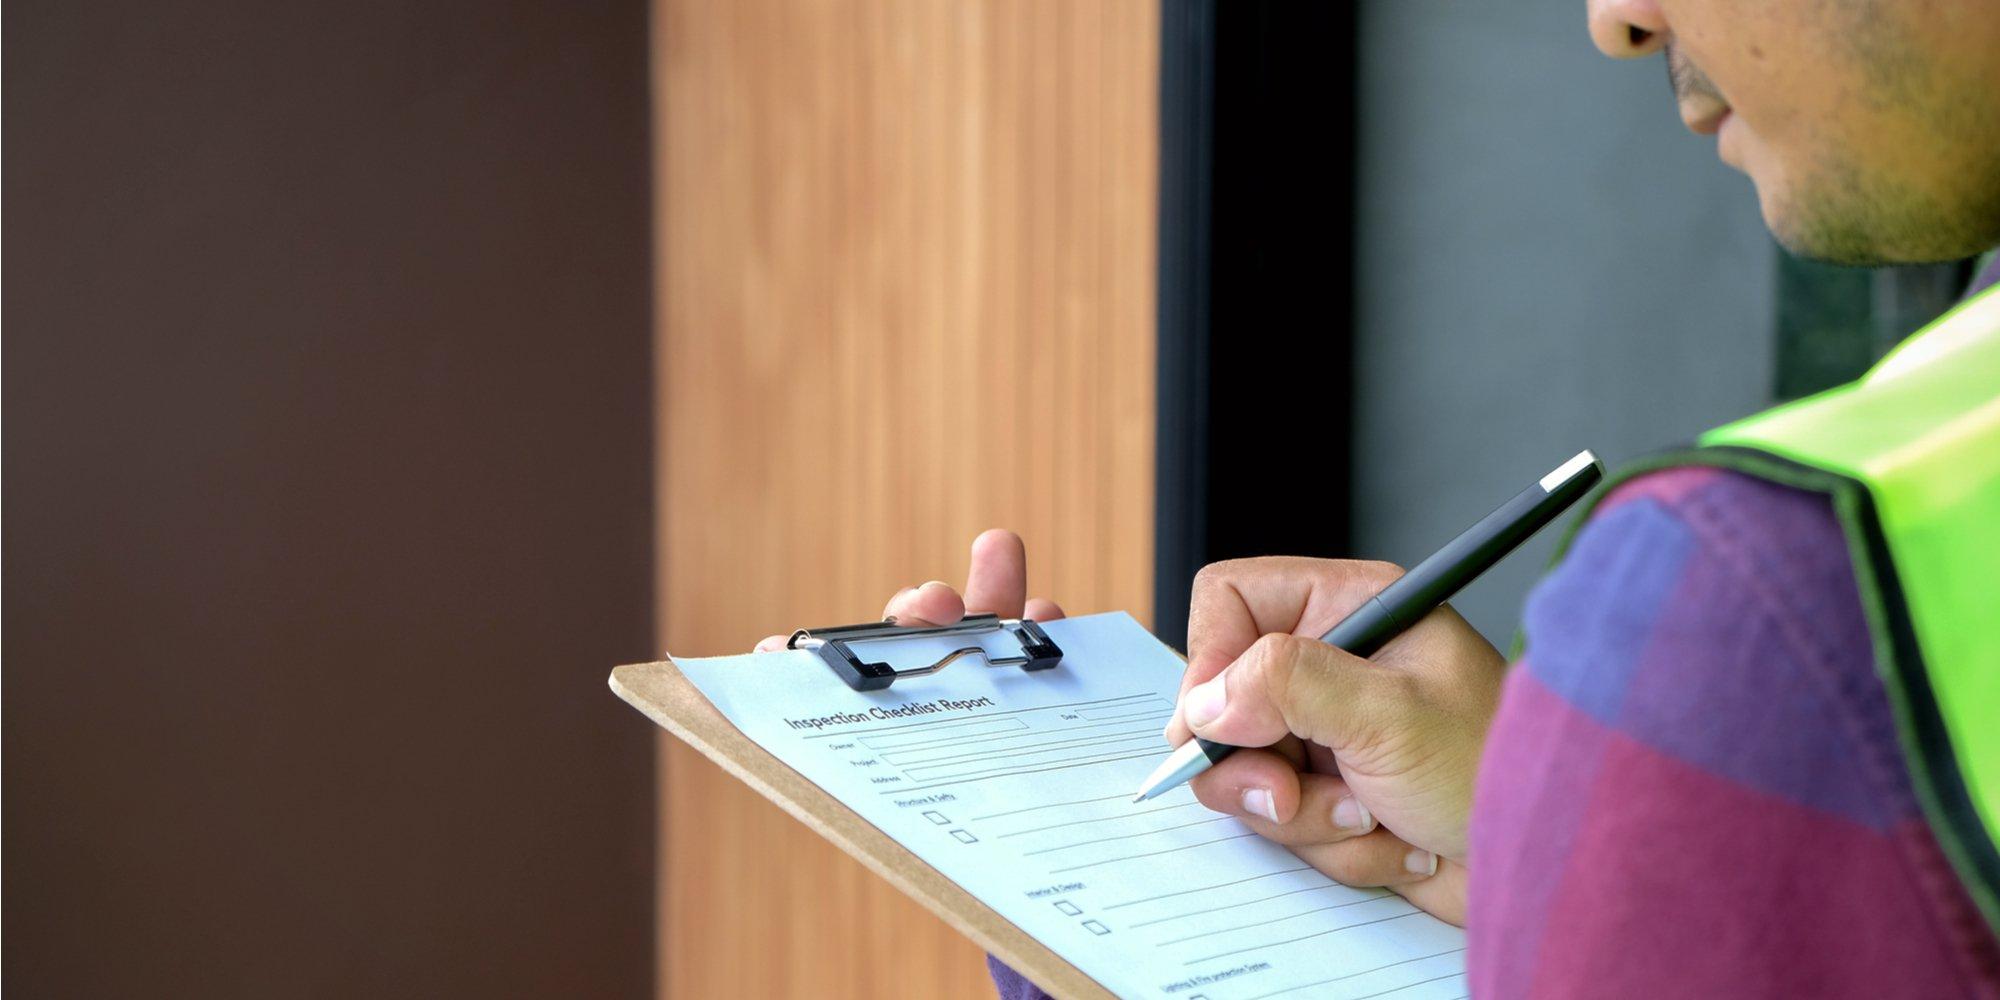 Análisis e Inspección de Riesgos y Tramitación de Siniestros de Responsabilidad Civil